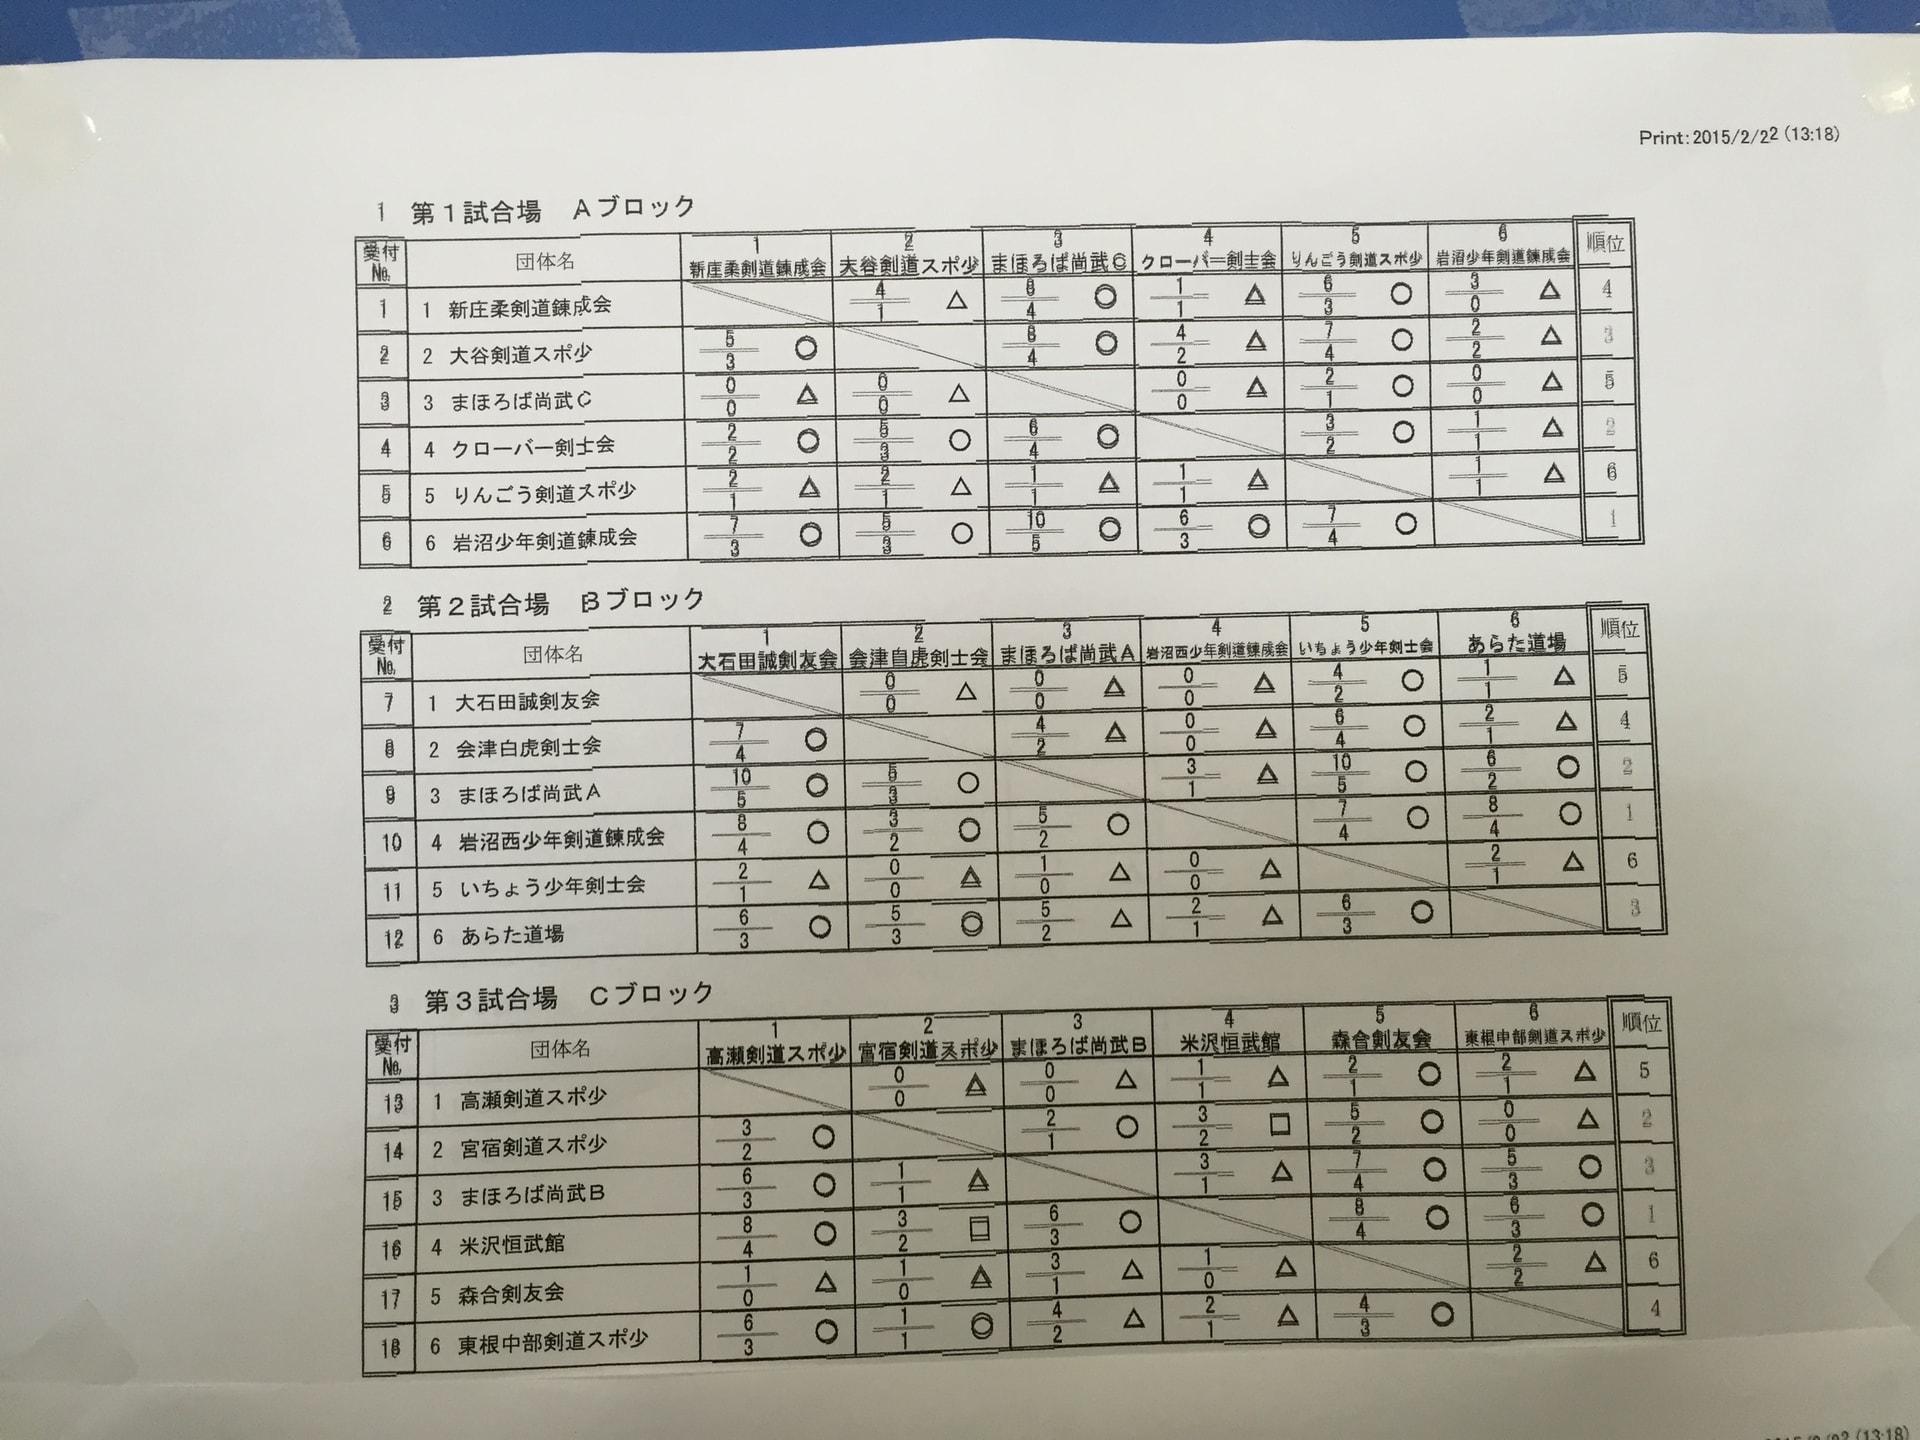 国見町「佑武館」剣道場ブログ